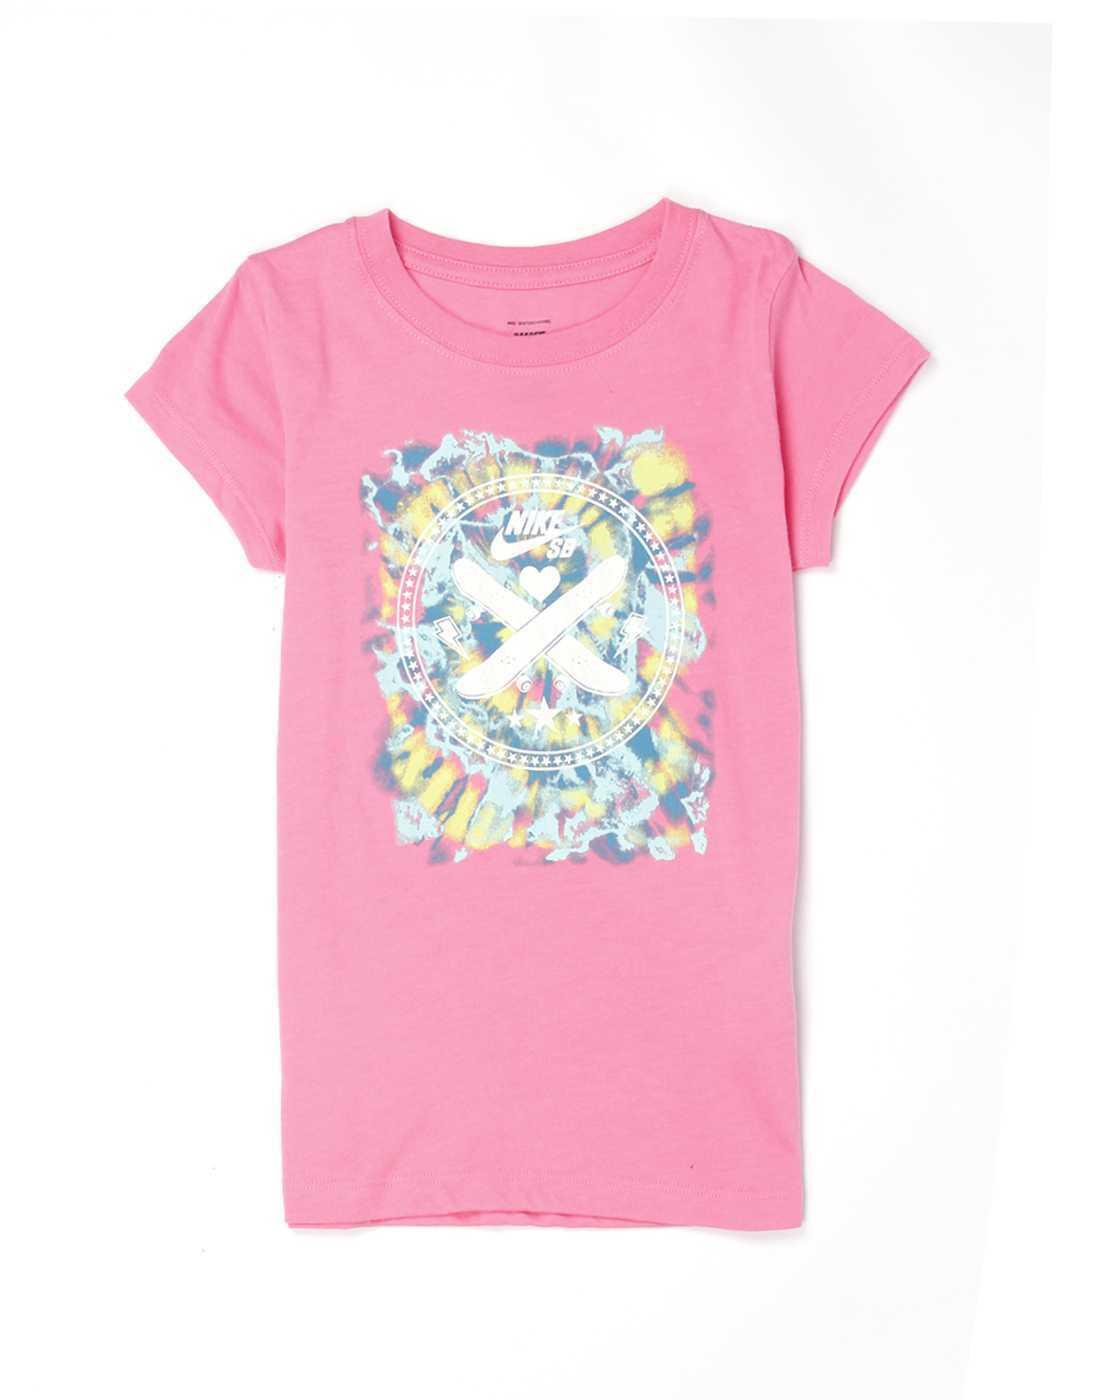 Nike Pink Cotton Girls T-Shirt